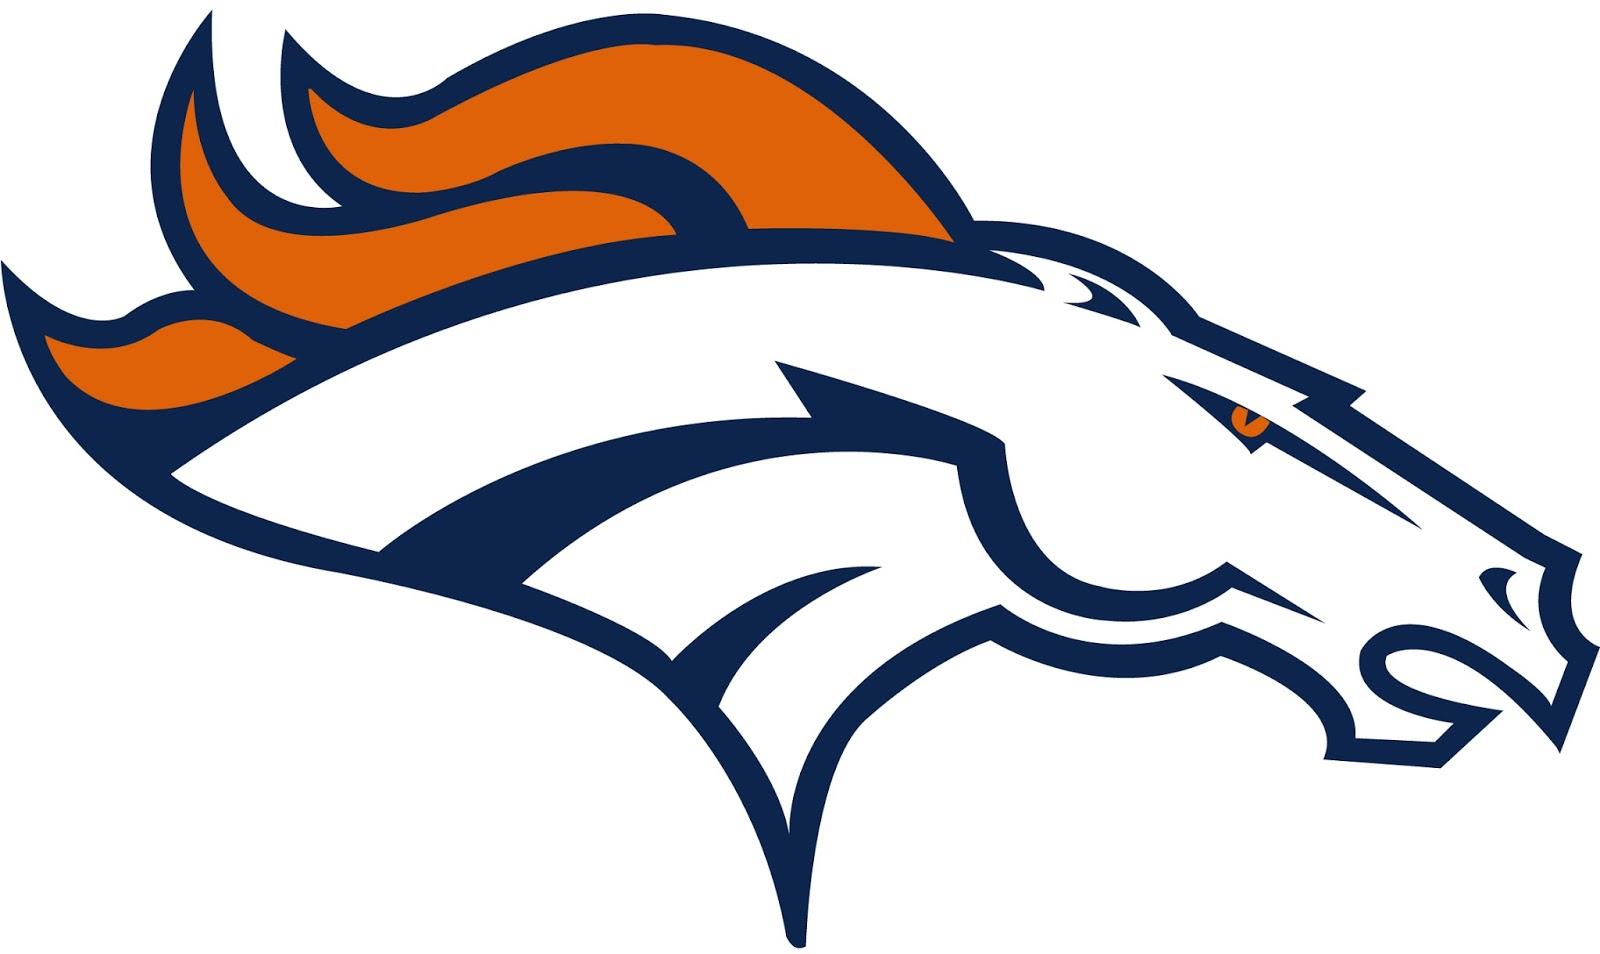 Kansas City Chiefs Vs Denver Broncos Meme